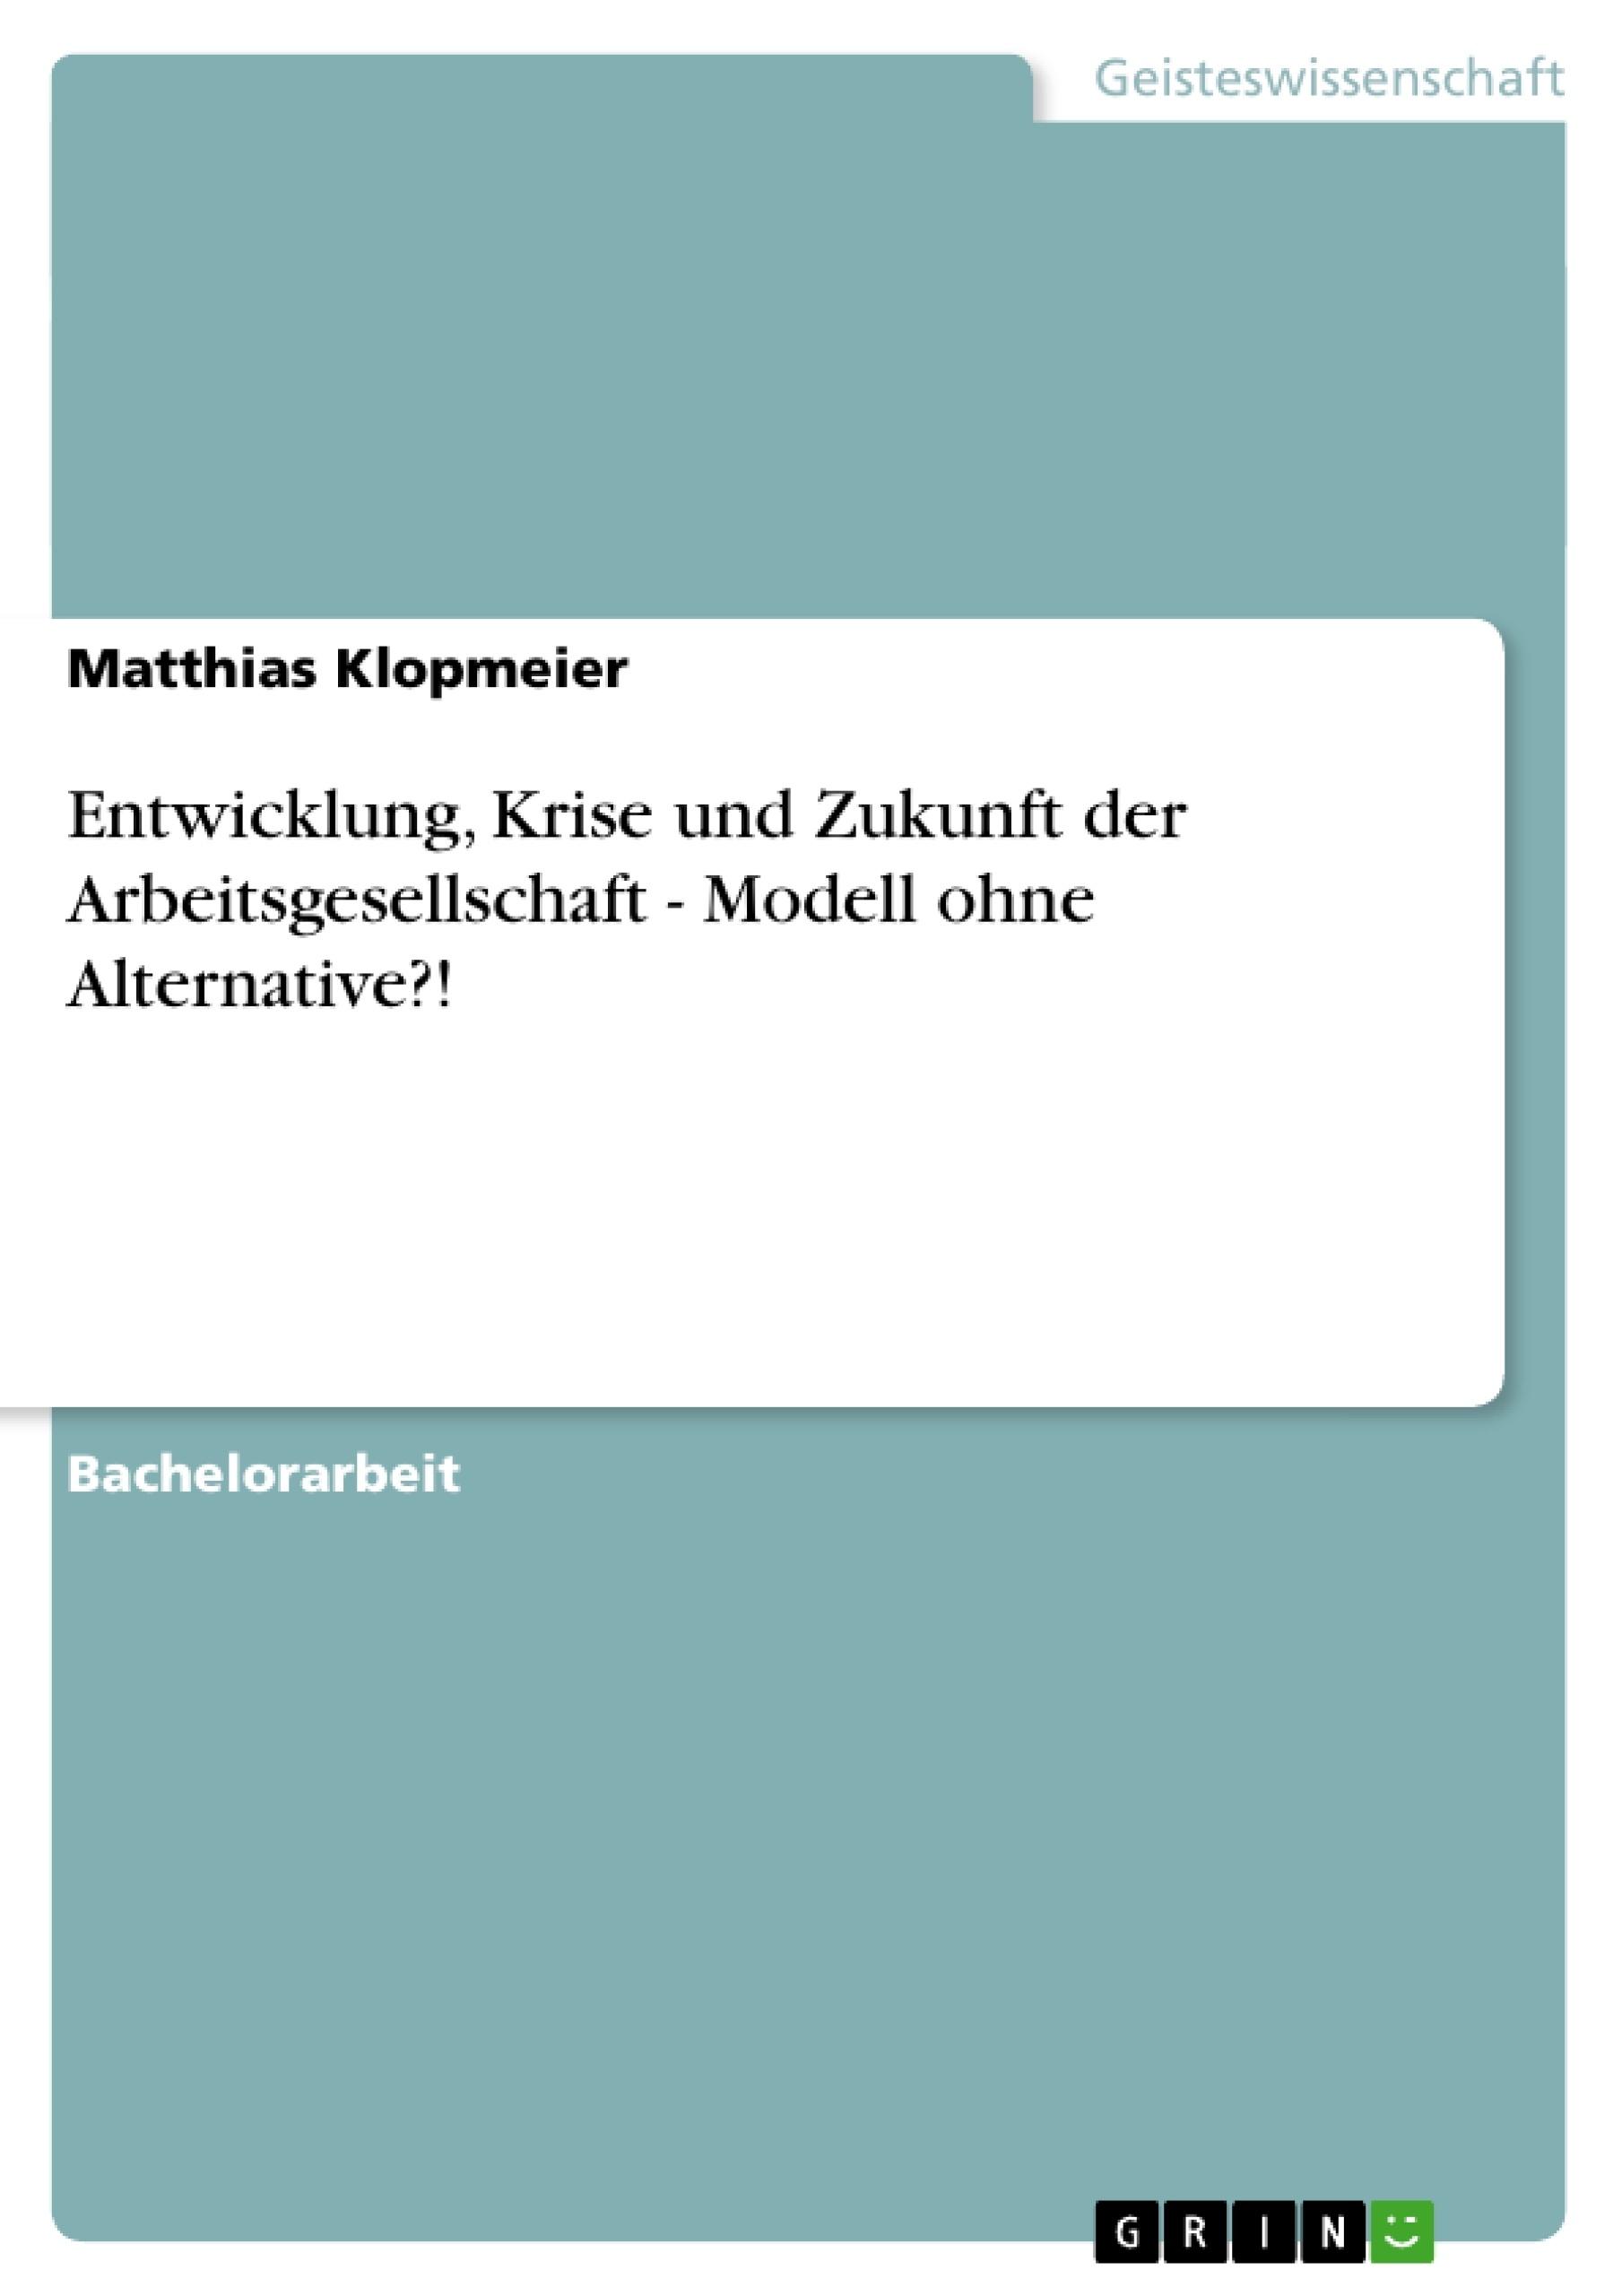 Titel: Entwicklung, Krise und Zukunft der Arbeitsgesellschaft - Modell ohne Alternative?!